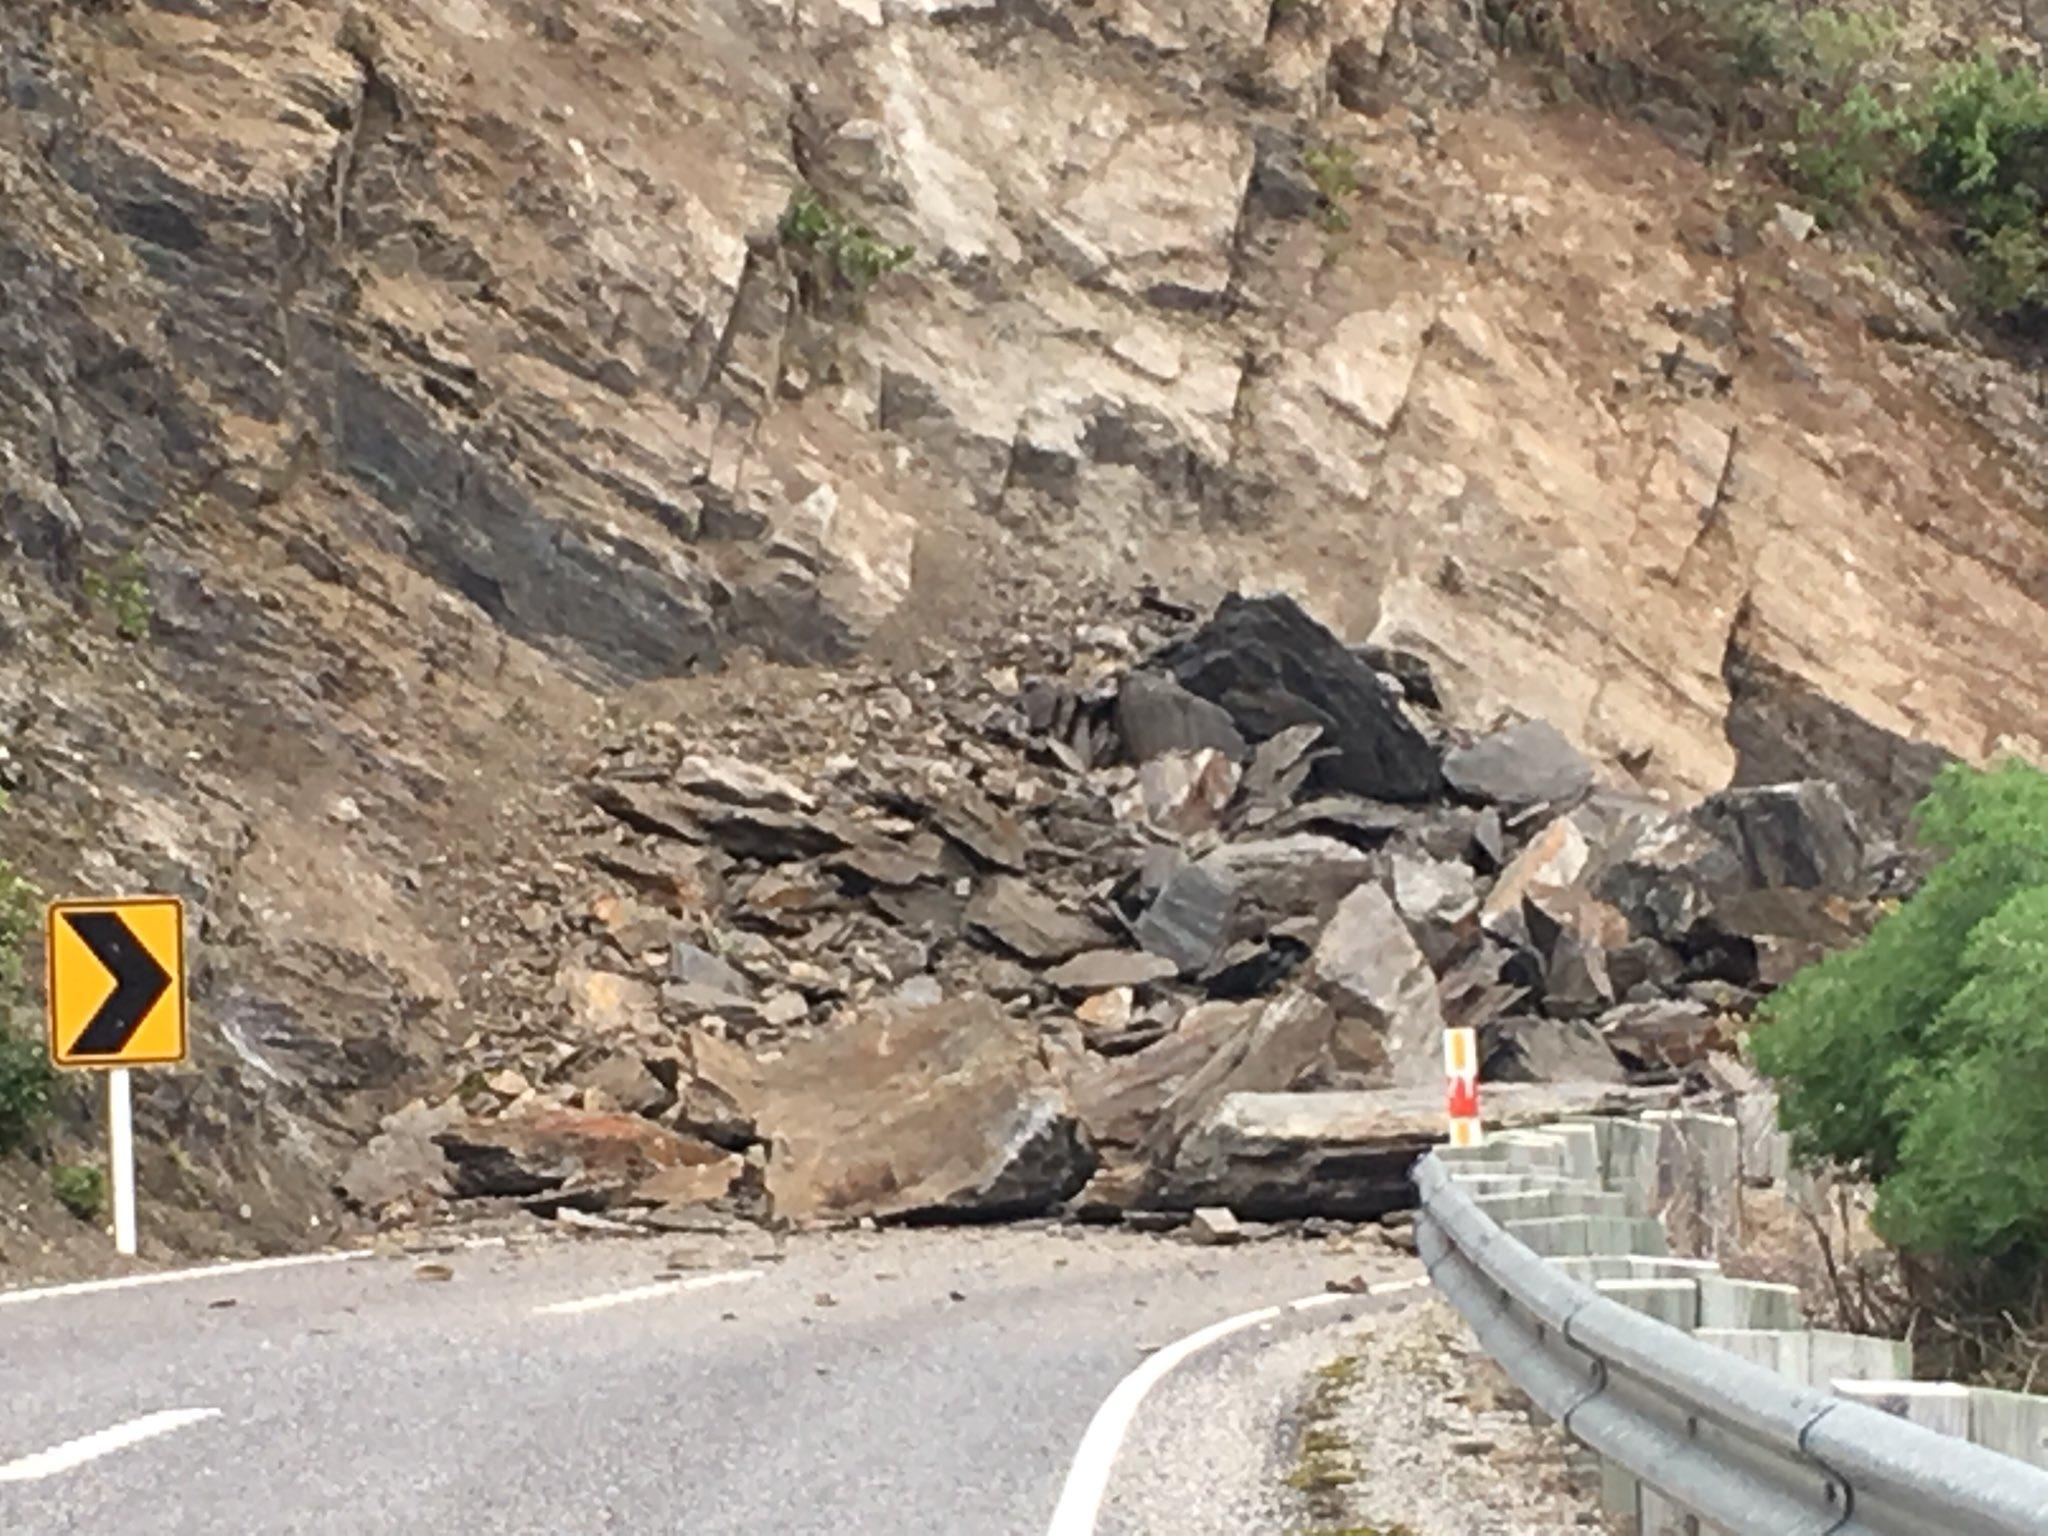 Rocks cover SH6 outside of Makarora. Photo: Lindsay Doebler